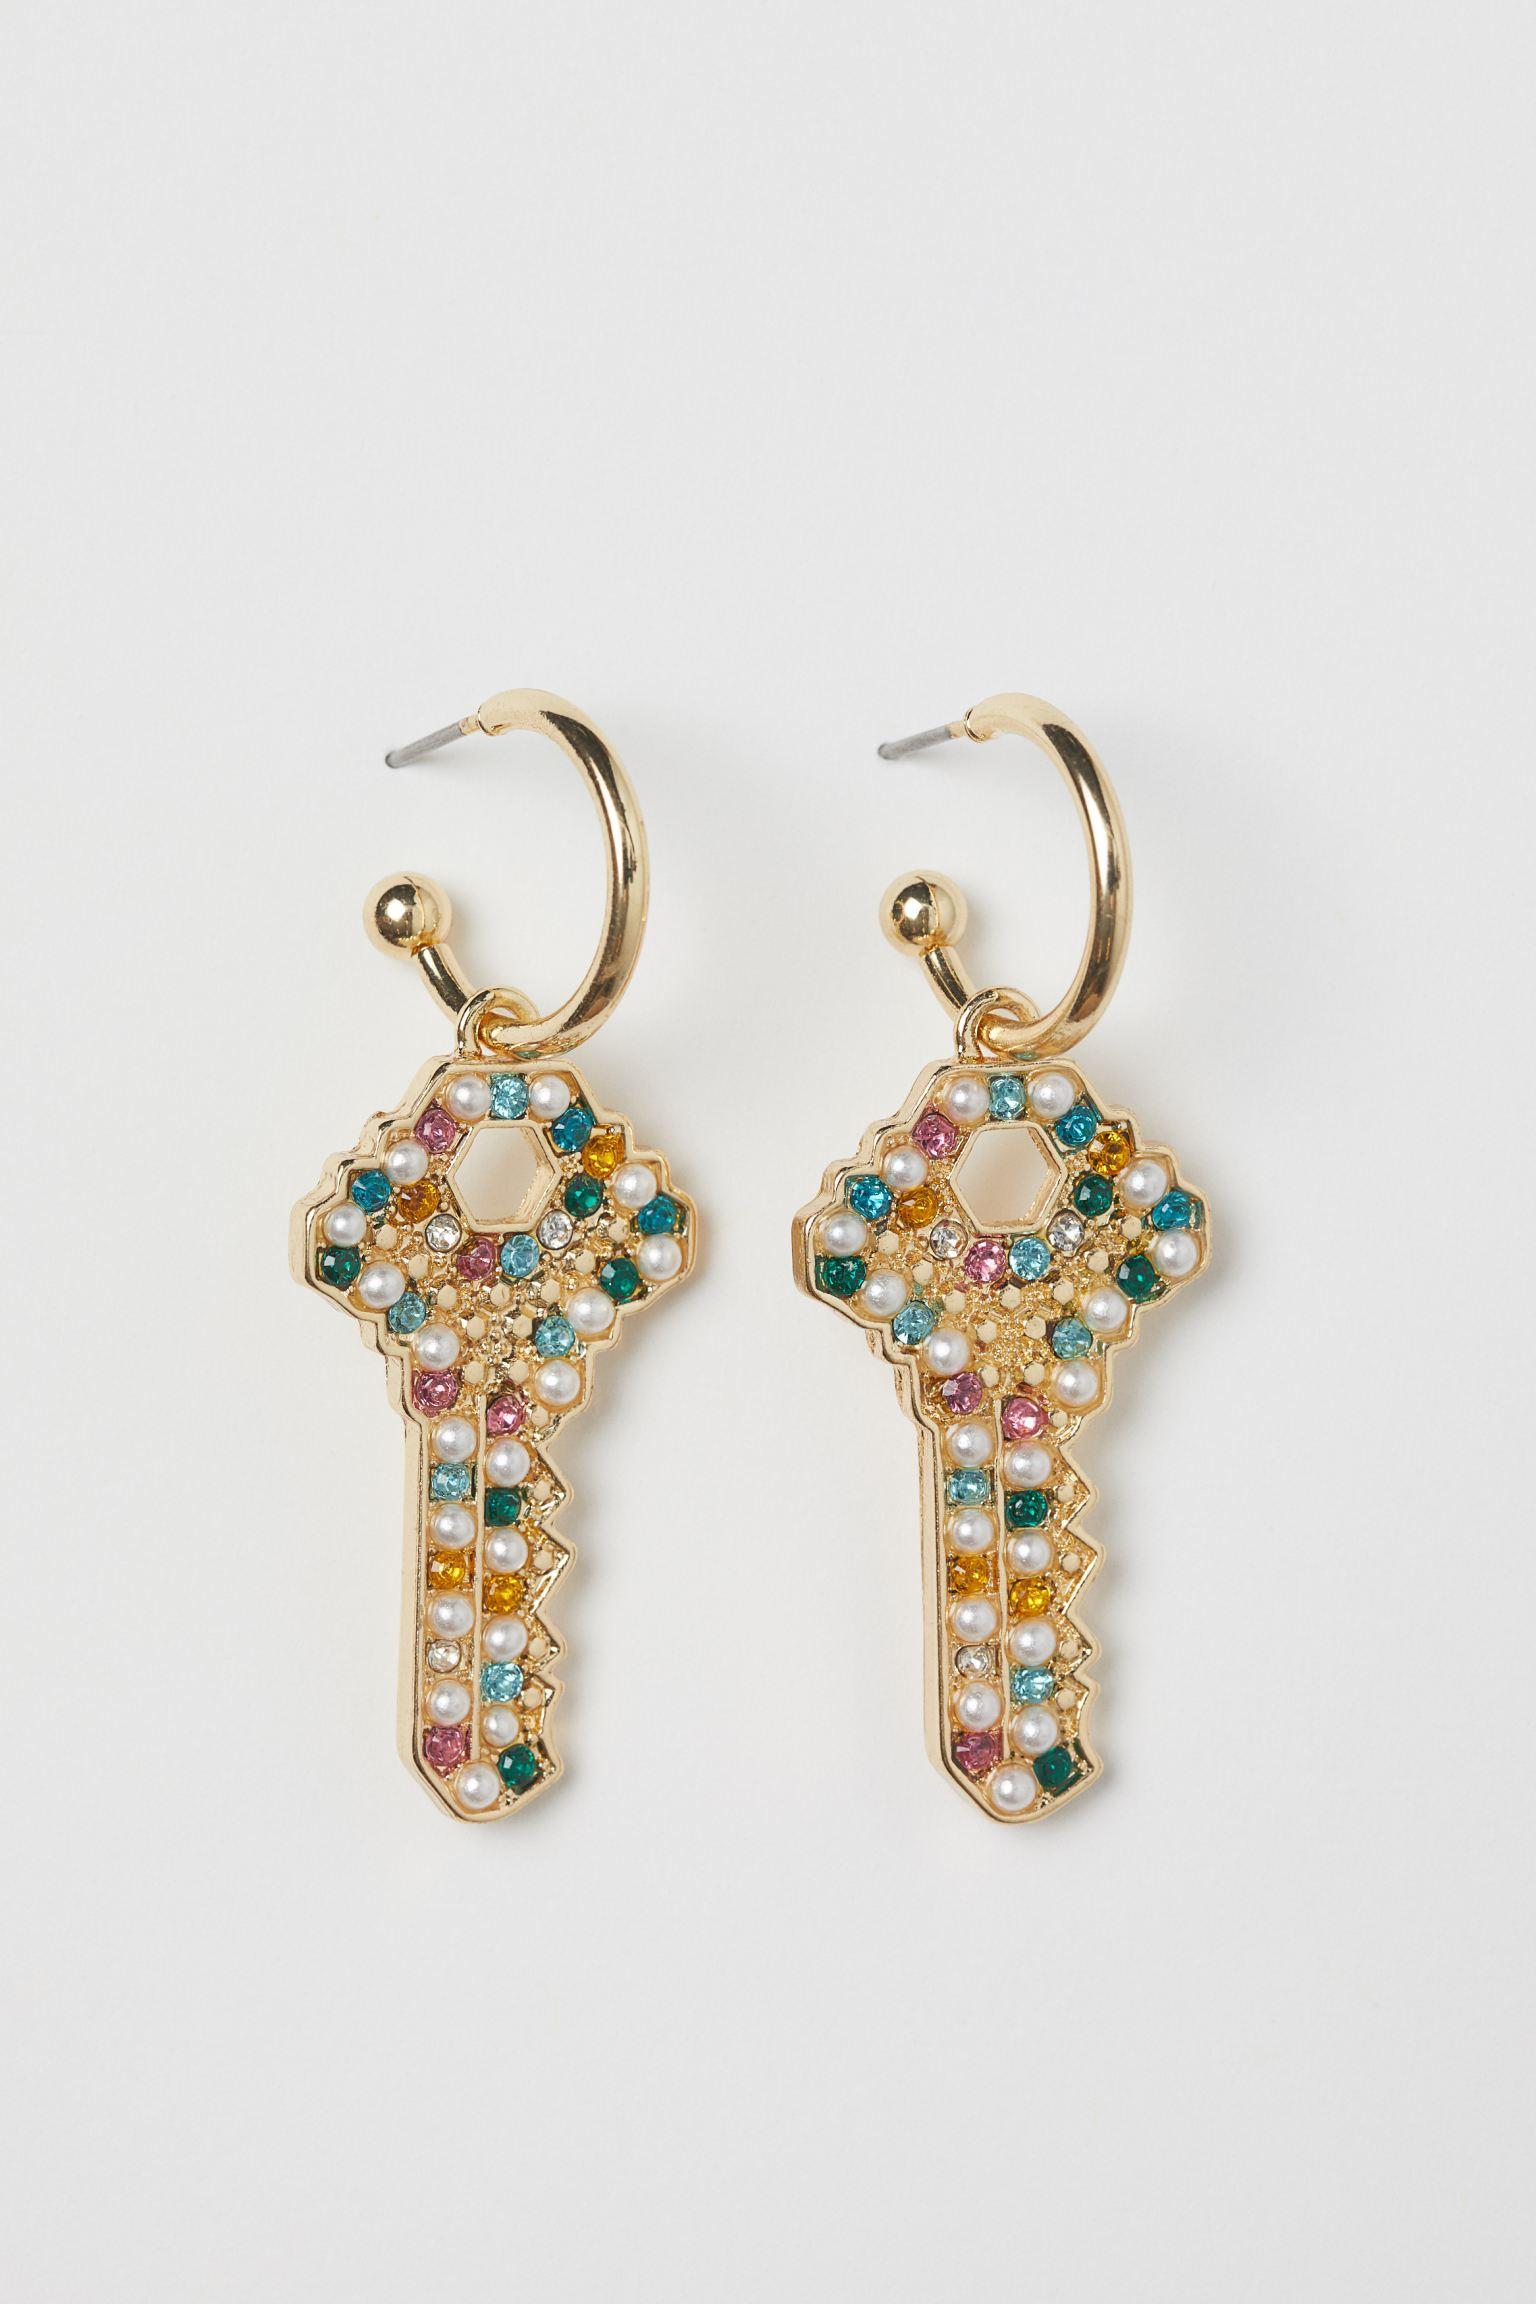 Pendientes en forma de llave con strass multicolor y perlas